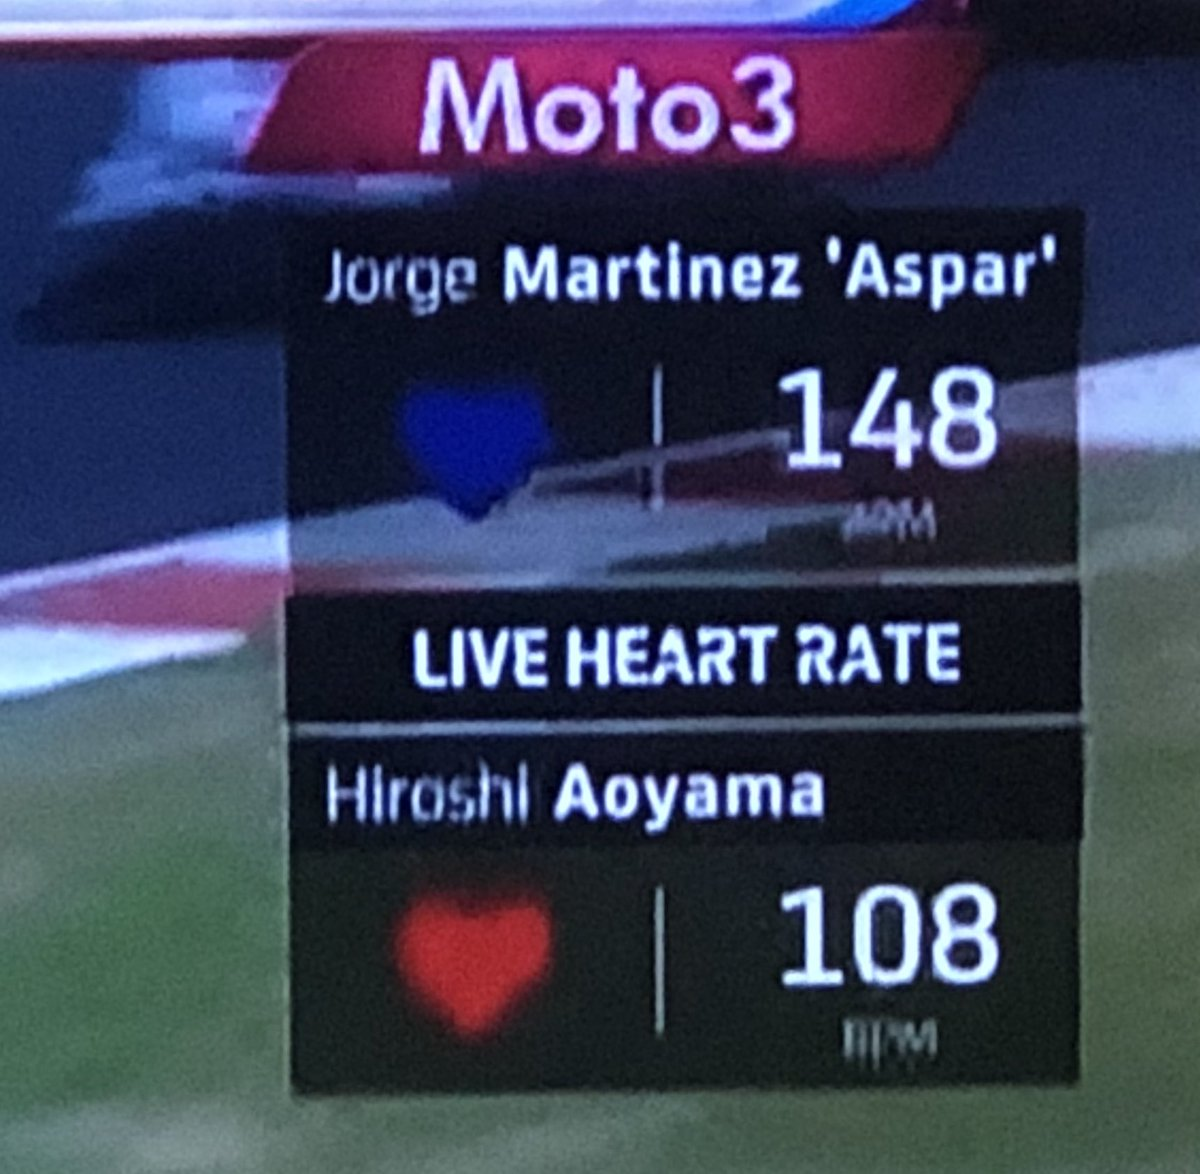 とうとうチーム監督同士の心拍数並べるようになったのね、おもろいぞドルナ。来シーズンから監督へのテレメトリシステム装着義務とか言いそう #motogp